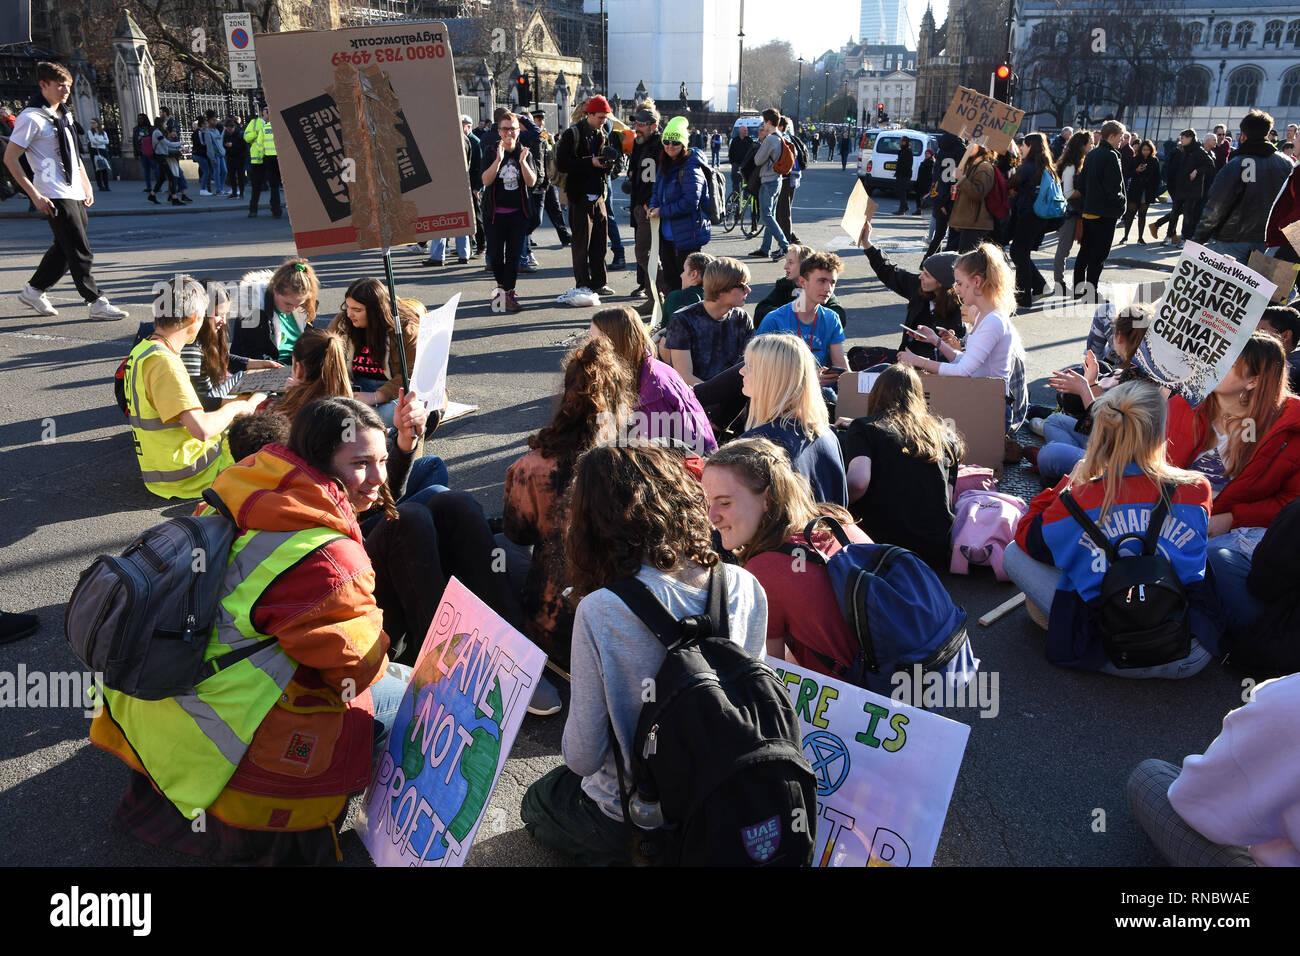 Asseoir l'élève protester contre le changement climatique.protestation École,la place du Parlement, Westminster, London.UK Photo Stock